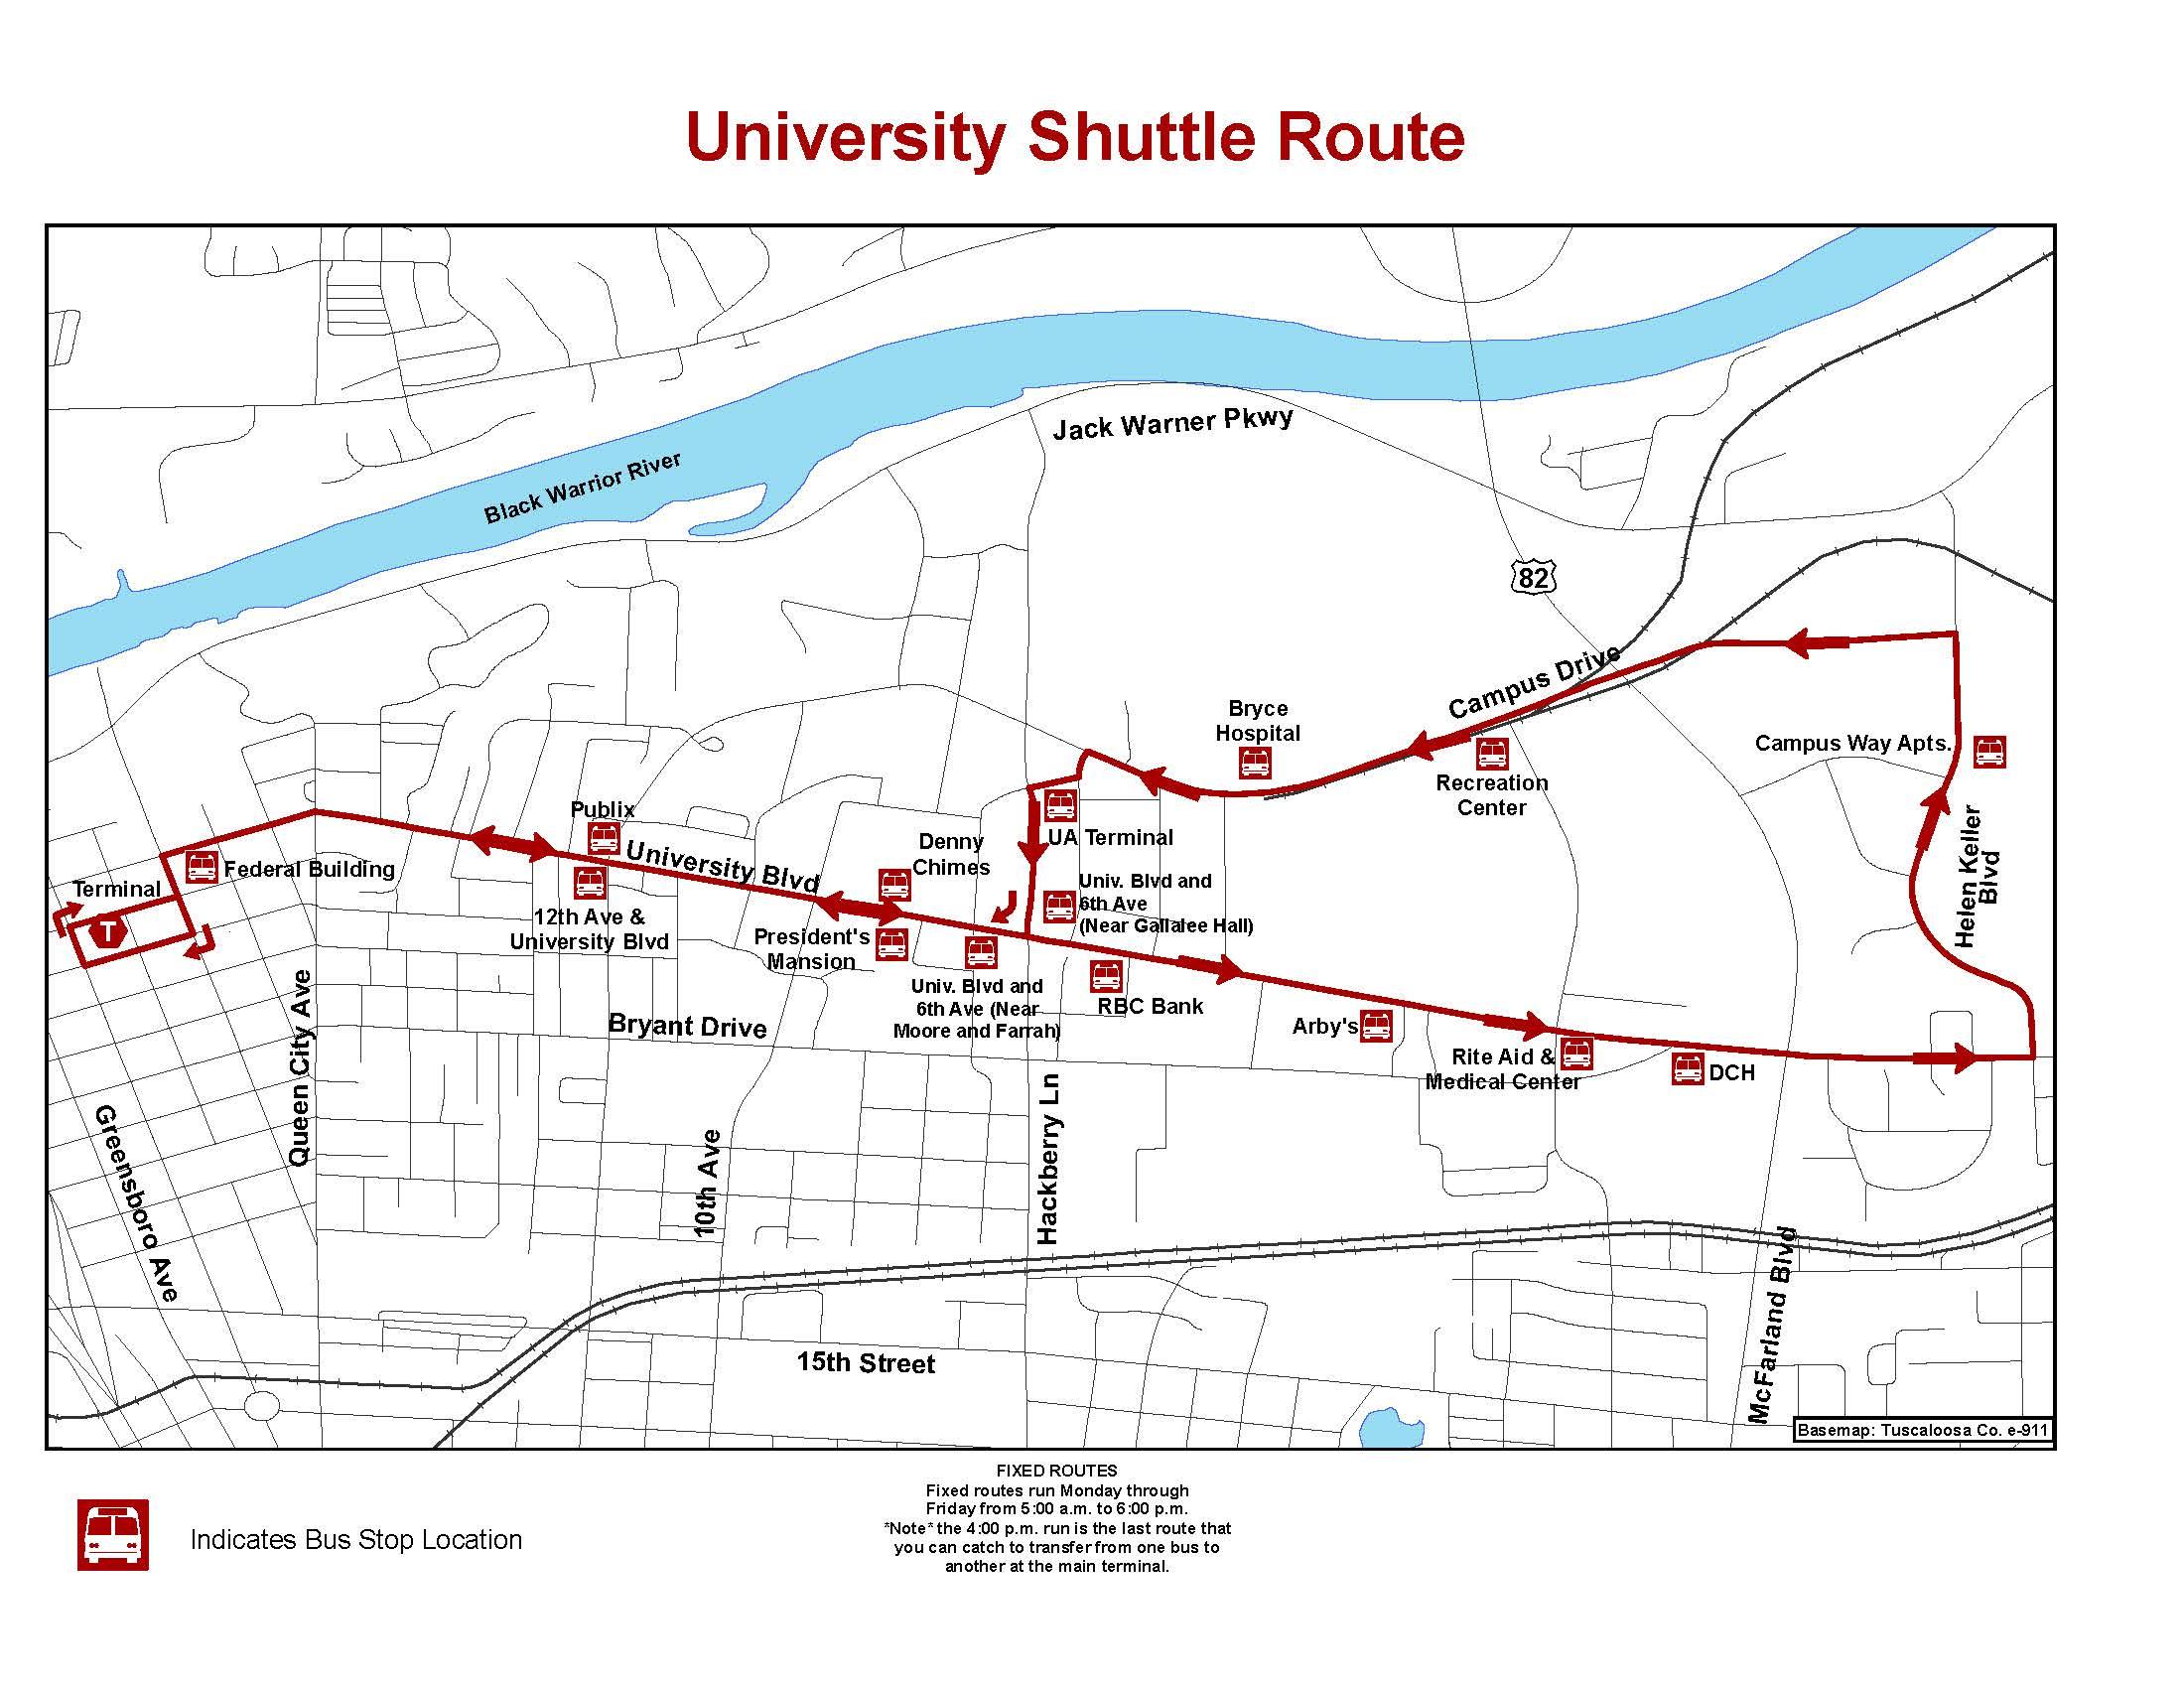 Tuscaloosa Transit Authority - University Shuttle Route